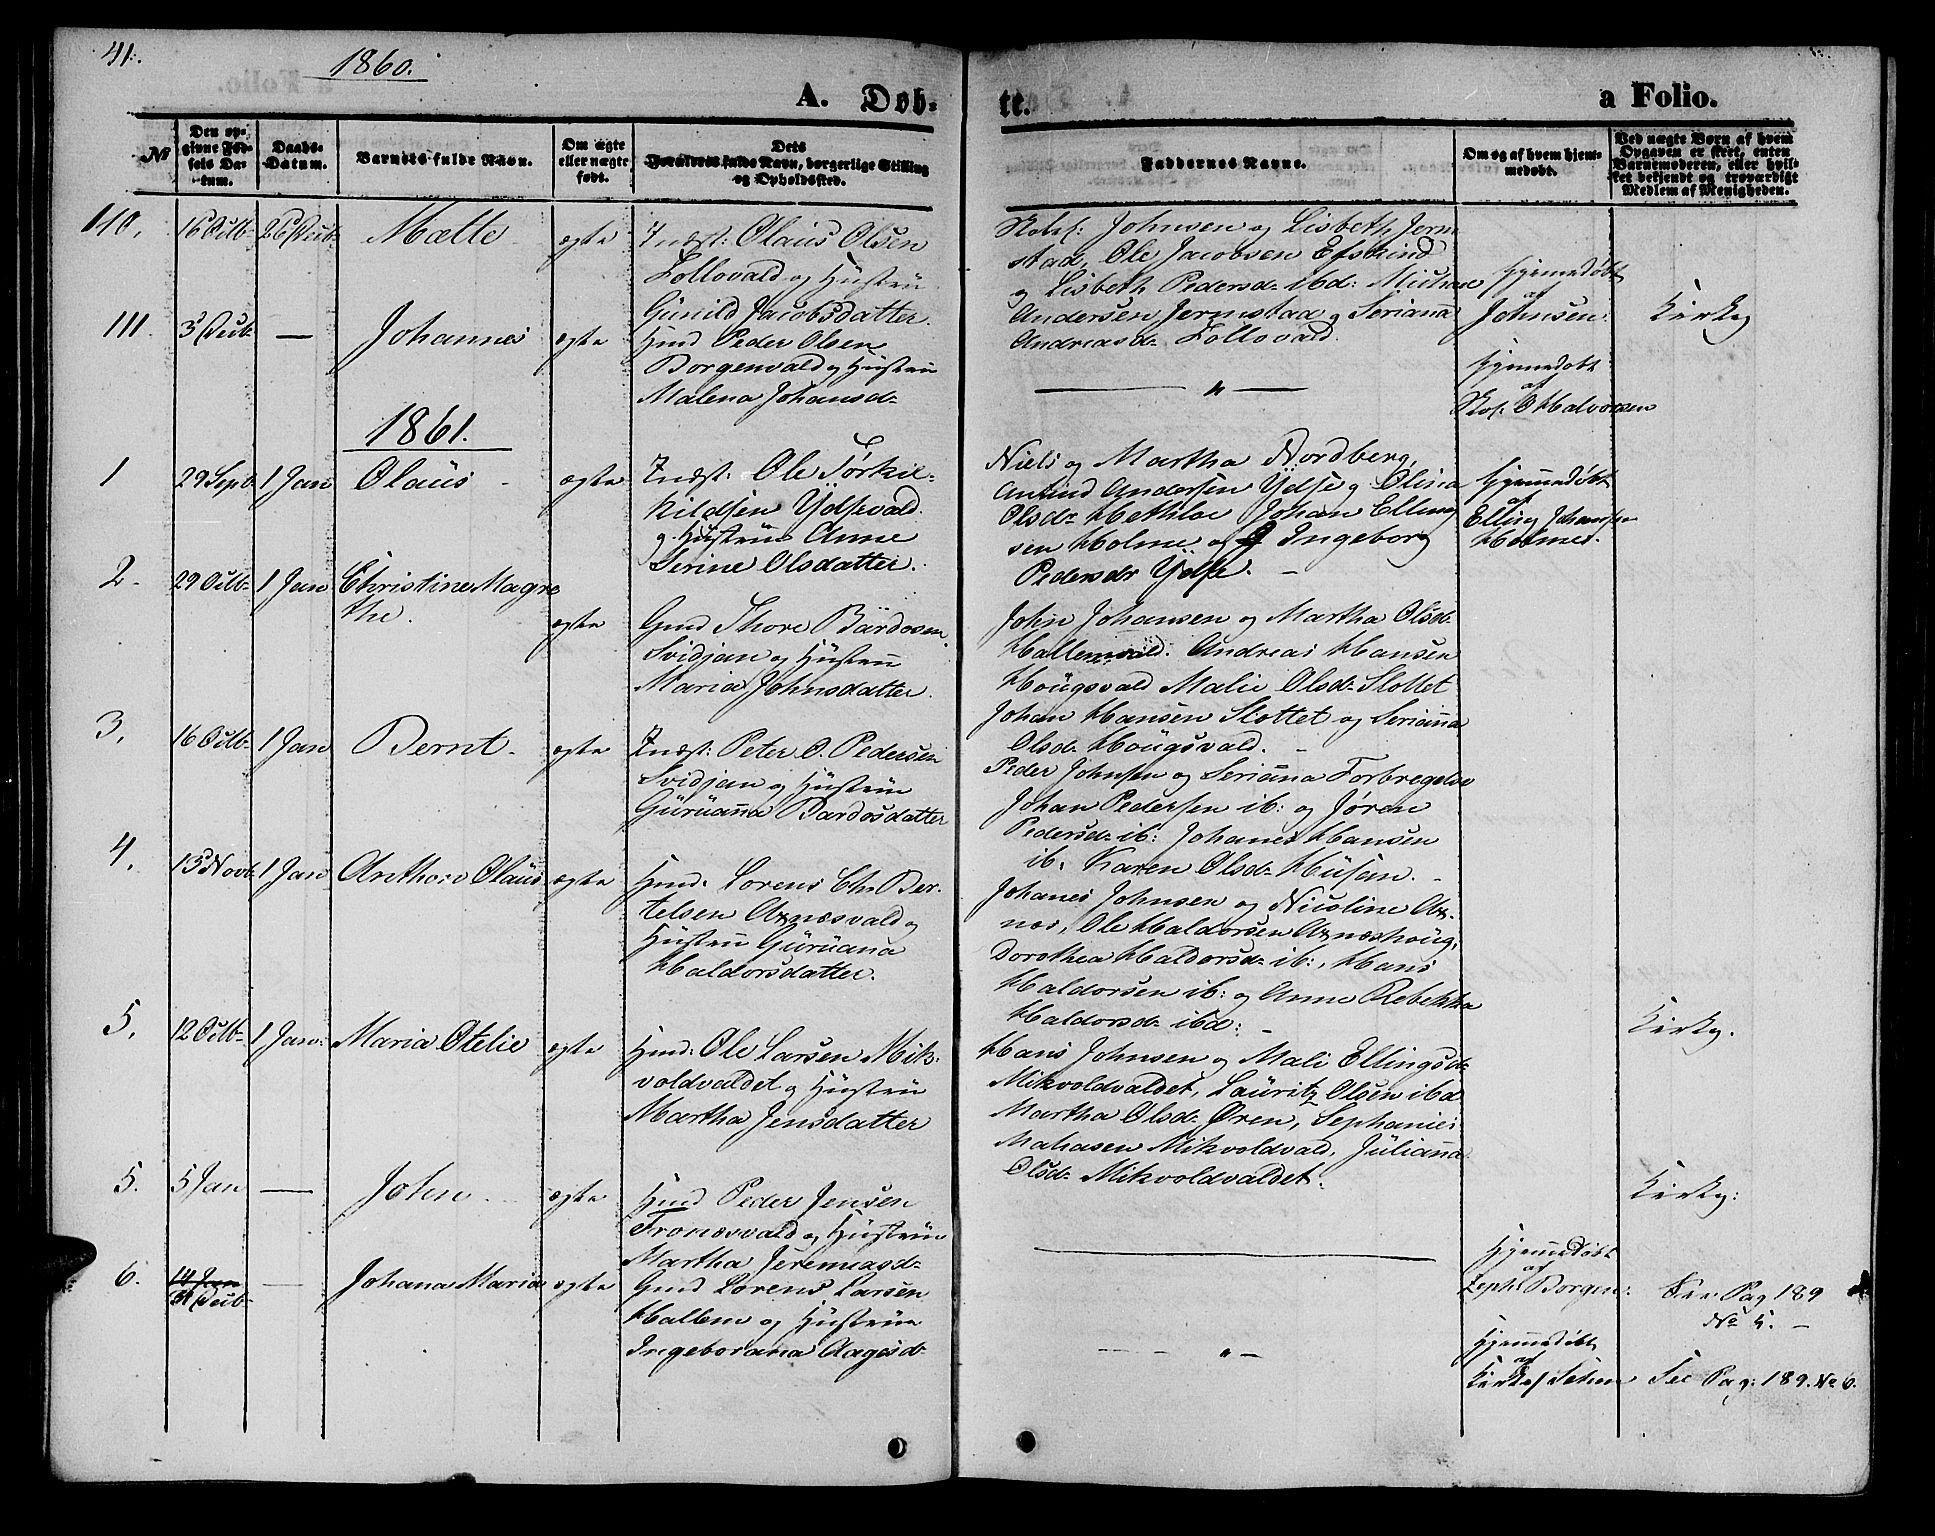 SAT, Ministerialprotokoller, klokkerbøker og fødselsregistre - Nord-Trøndelag, 723/L0254: Klokkerbok nr. 723C02, 1858-1868, s. 41